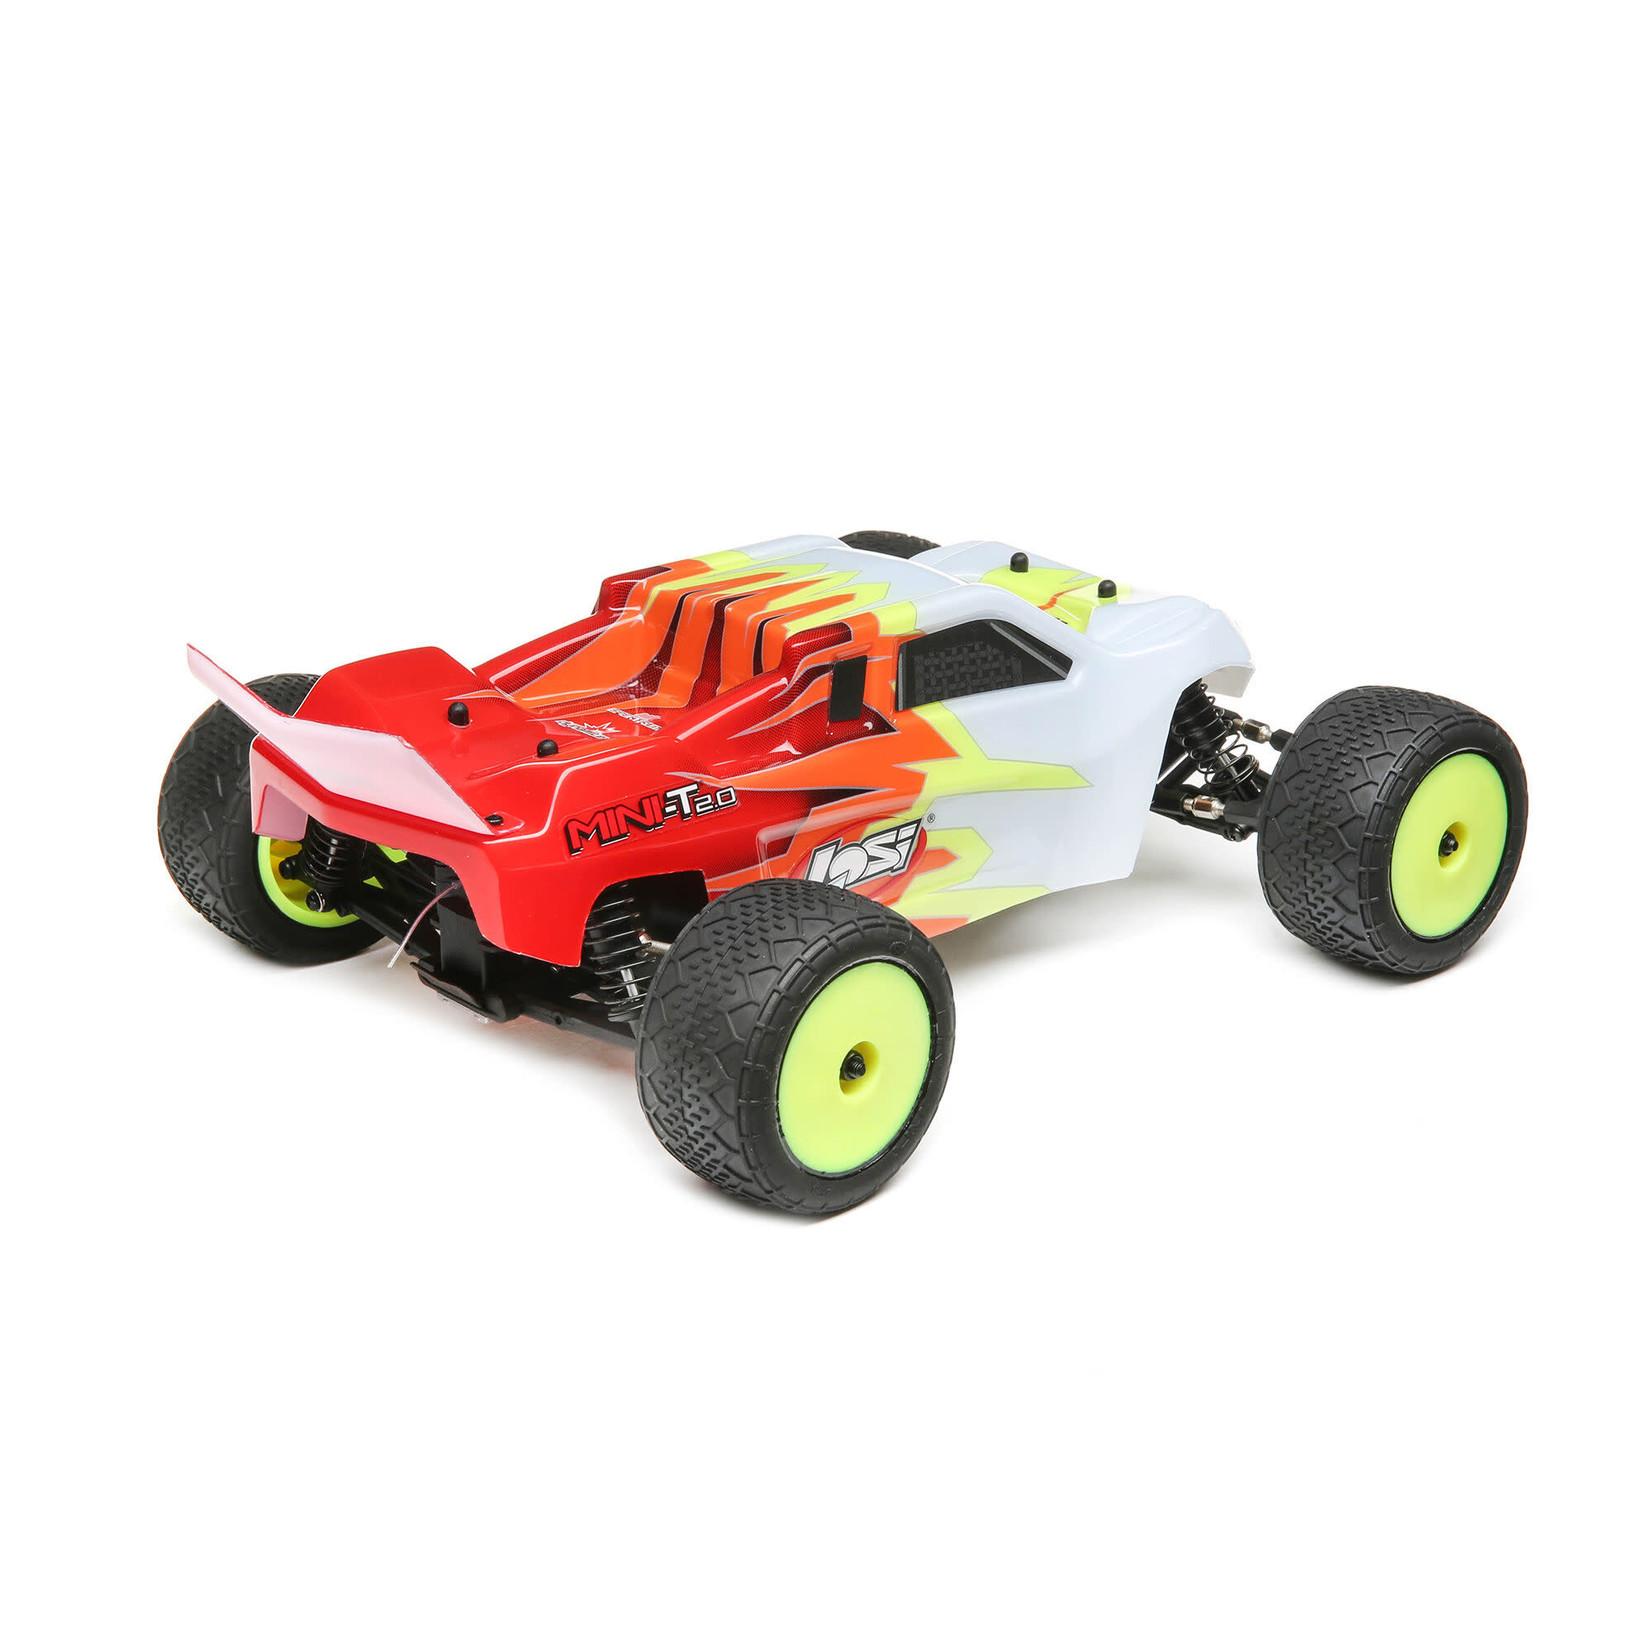 Losi LOS01015 Losi Mini-T 2.0 RTR: 1/18 2WD